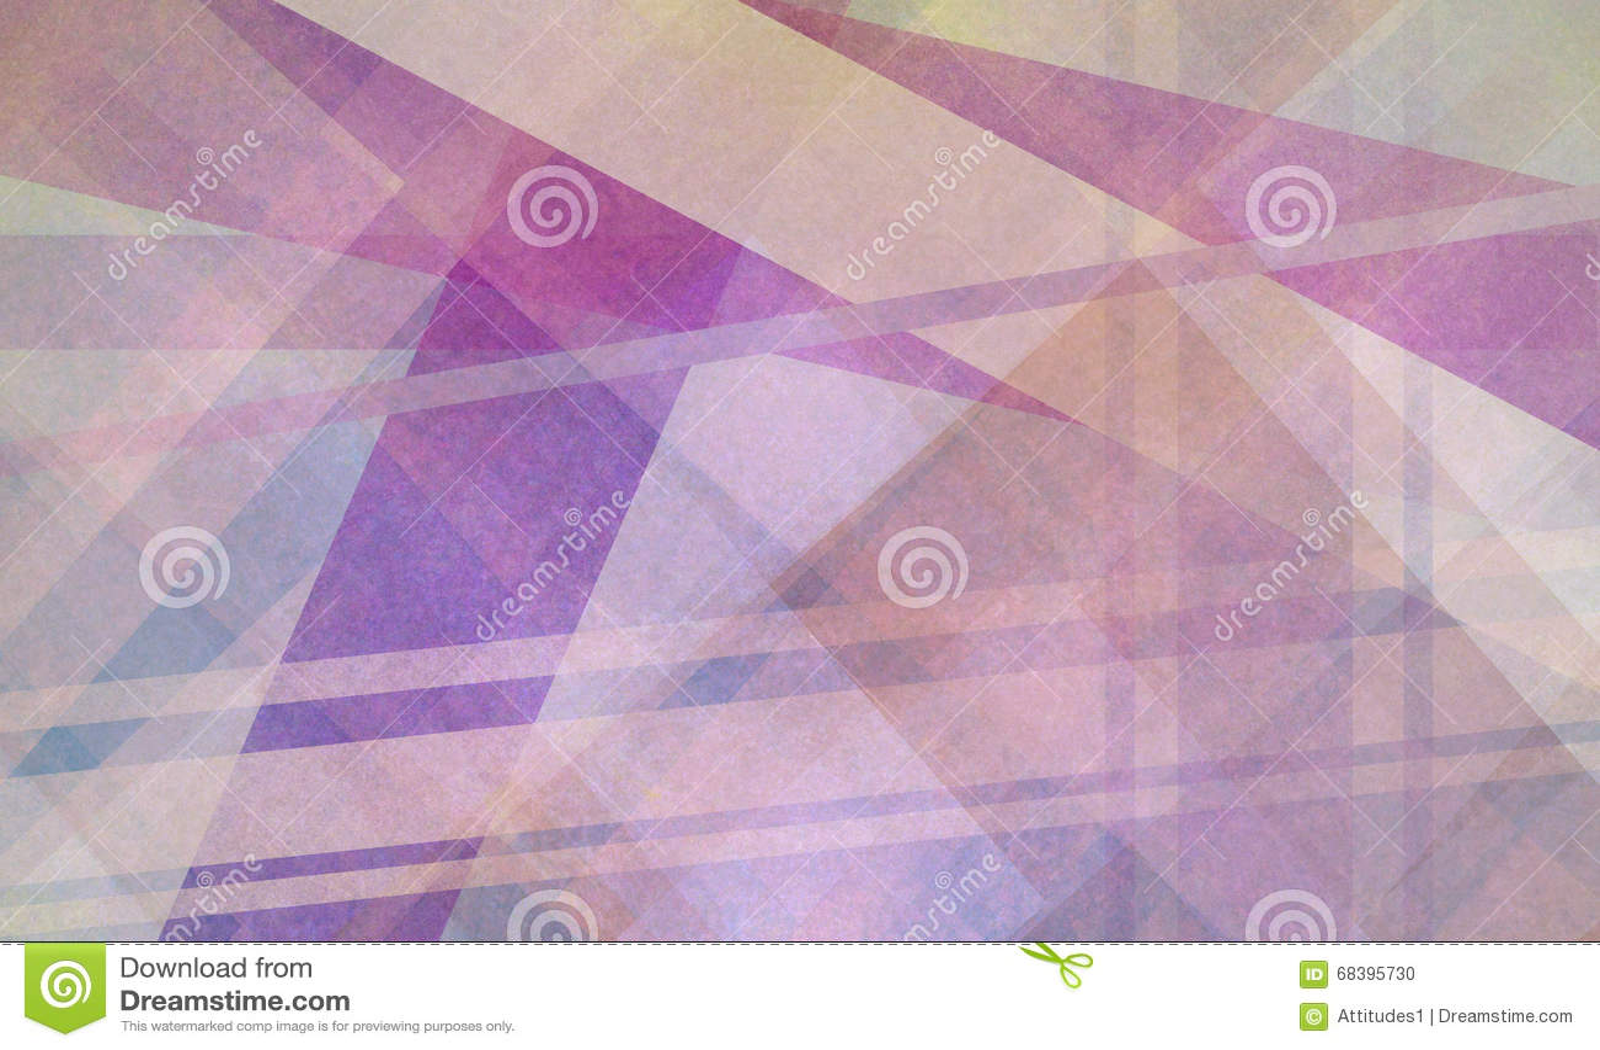 El fondo geométrico abstracto con las rayas púrpuras y blancas pesca líneas y formas con caña